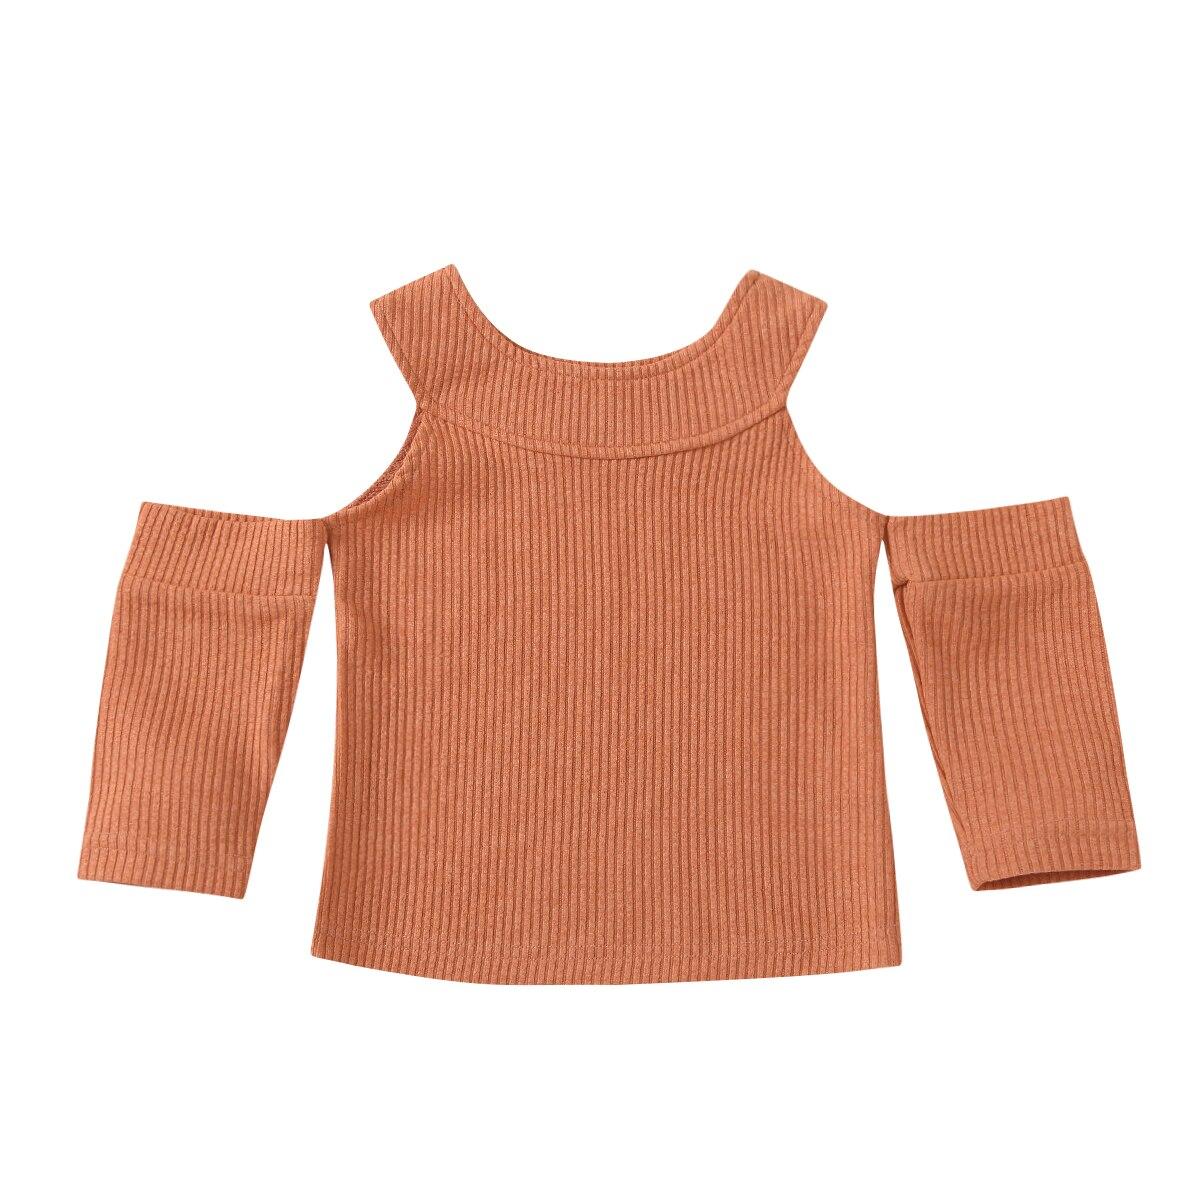 От 2 до 8 лет трикотажная одежда с открытыми плечами для маленьких девочек вязаный свитер с помпонами Топ однотонная одежда с круглым воротн...